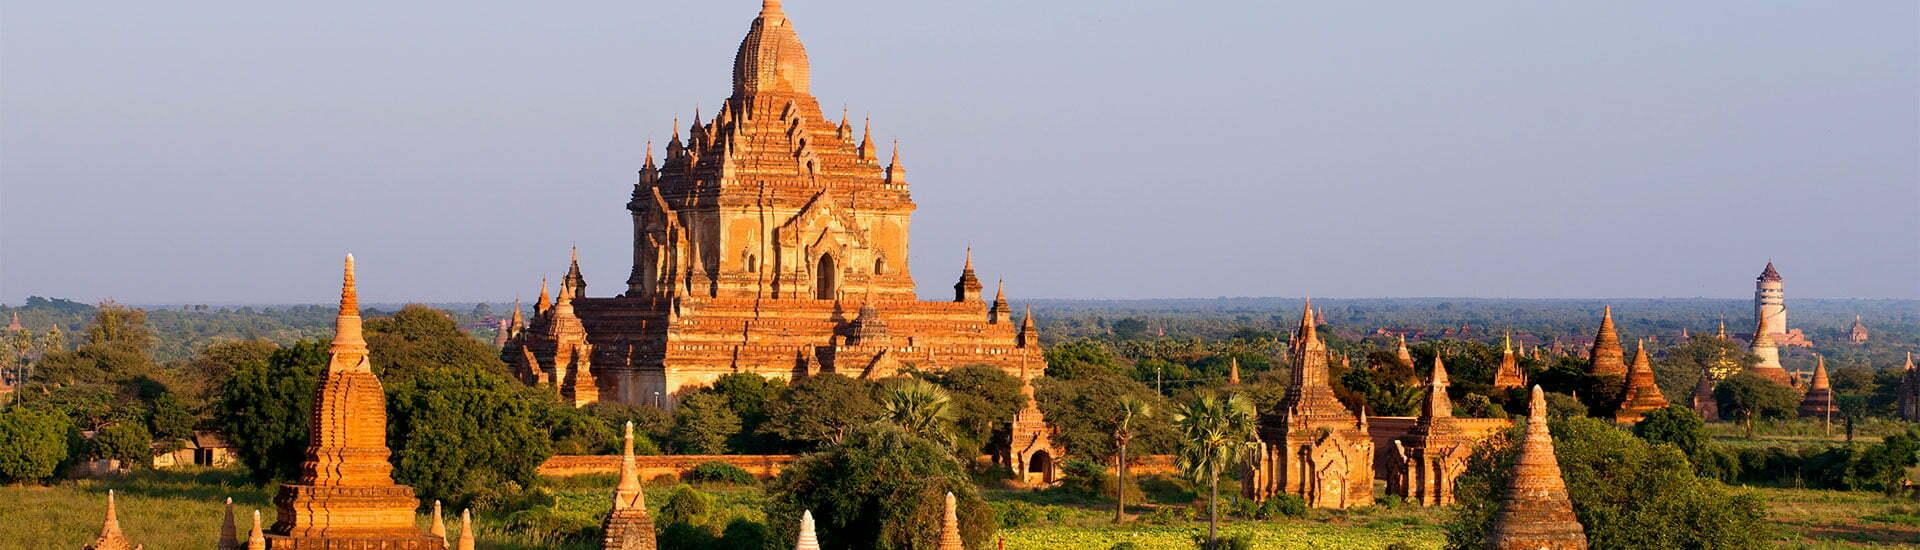 voyage birmanie - hors des sentiers battus